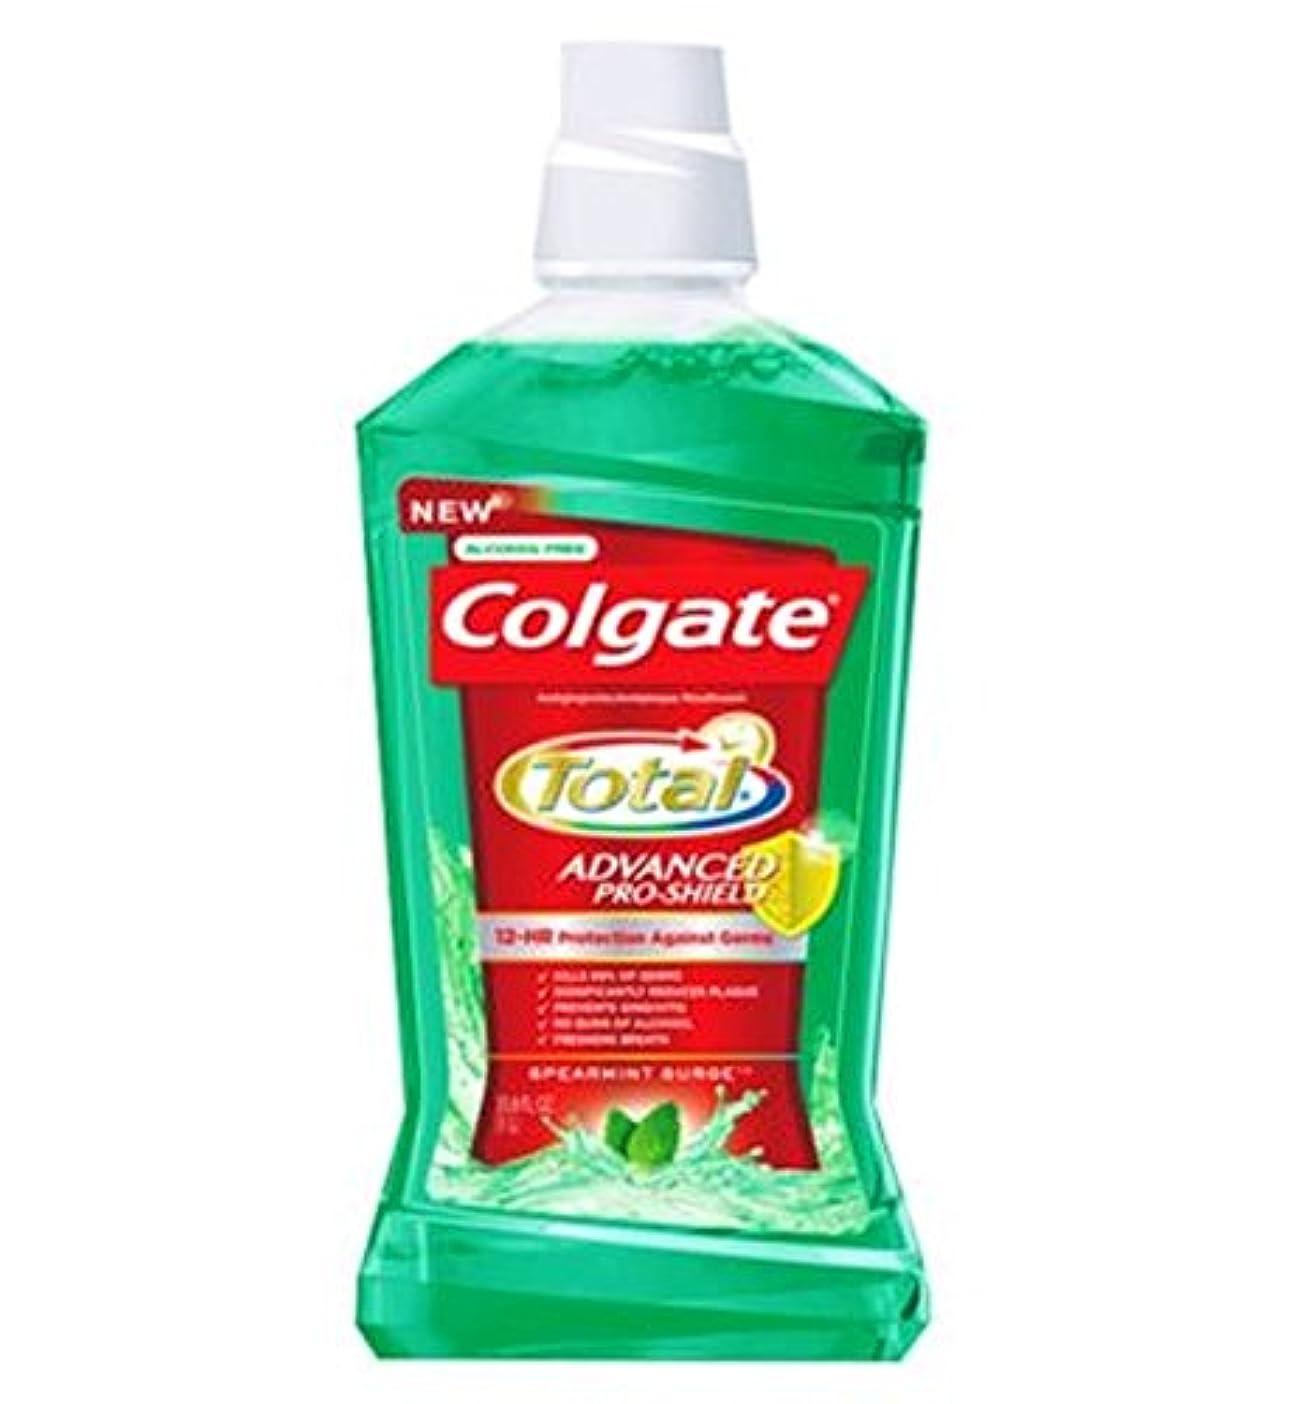 黒人注入リーチColgate Mouthrinse Total Green 500ml - コルゲートの口内洗浄剤の合計緑500ミリリットル (Colgate) [並行輸入品]